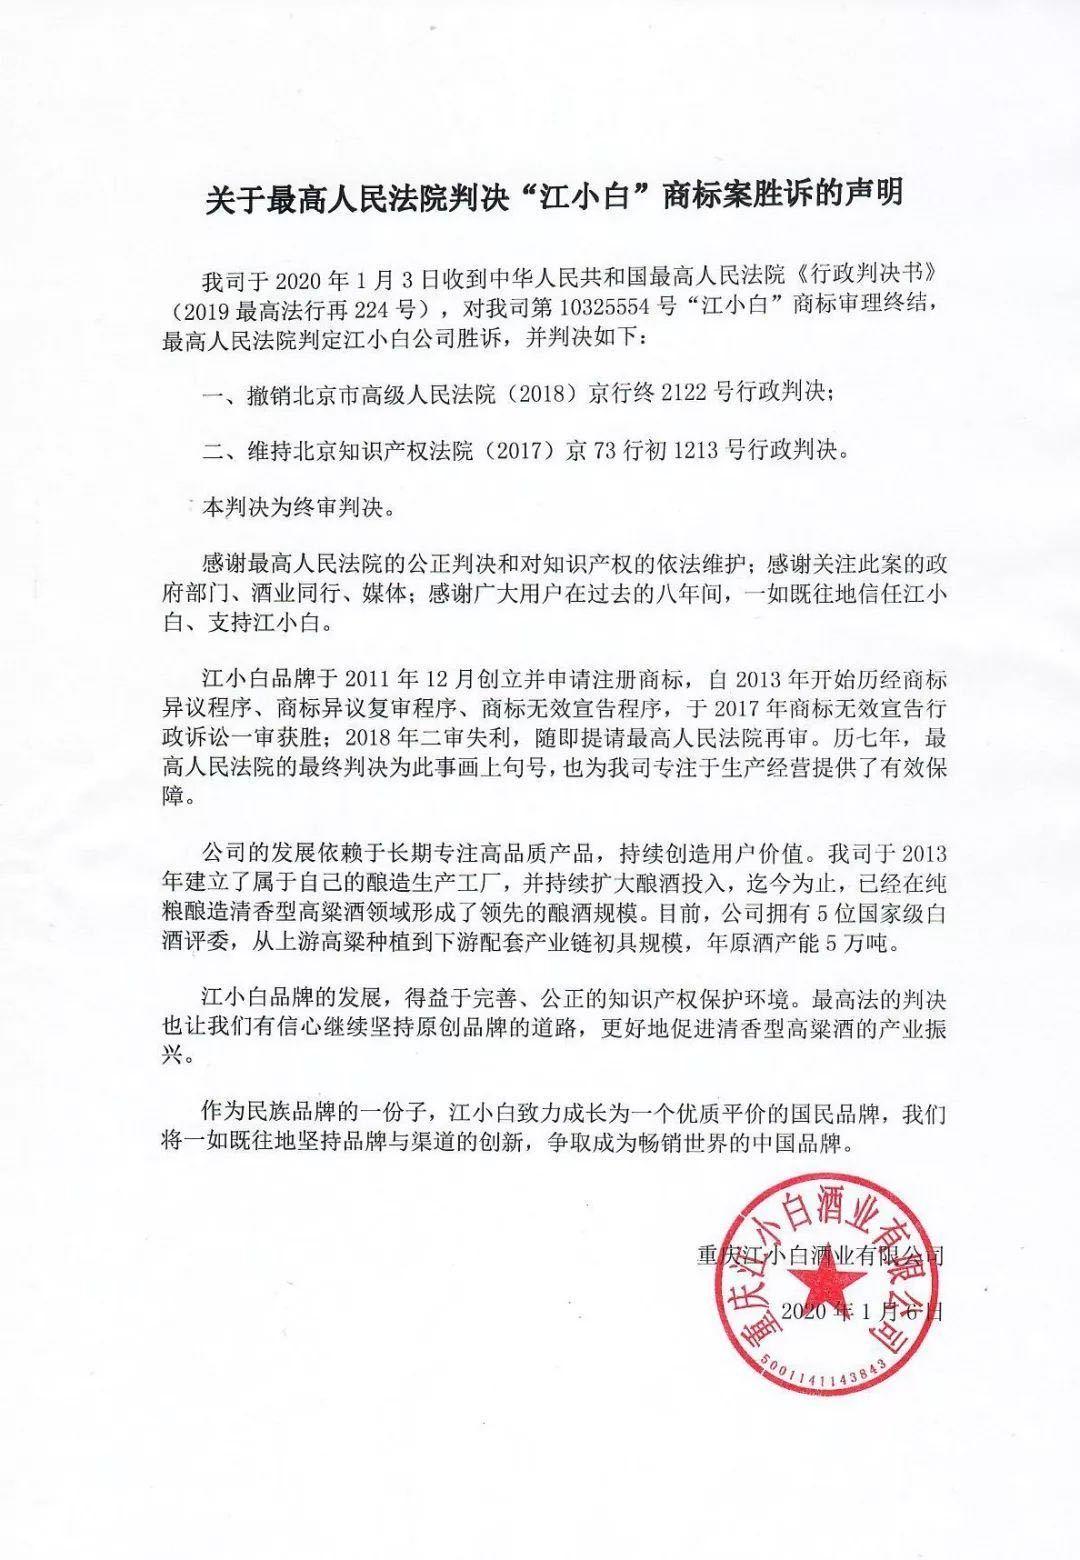 """江小白公司重获""""江小白""""商标:商标之争历时七年终落幕"""